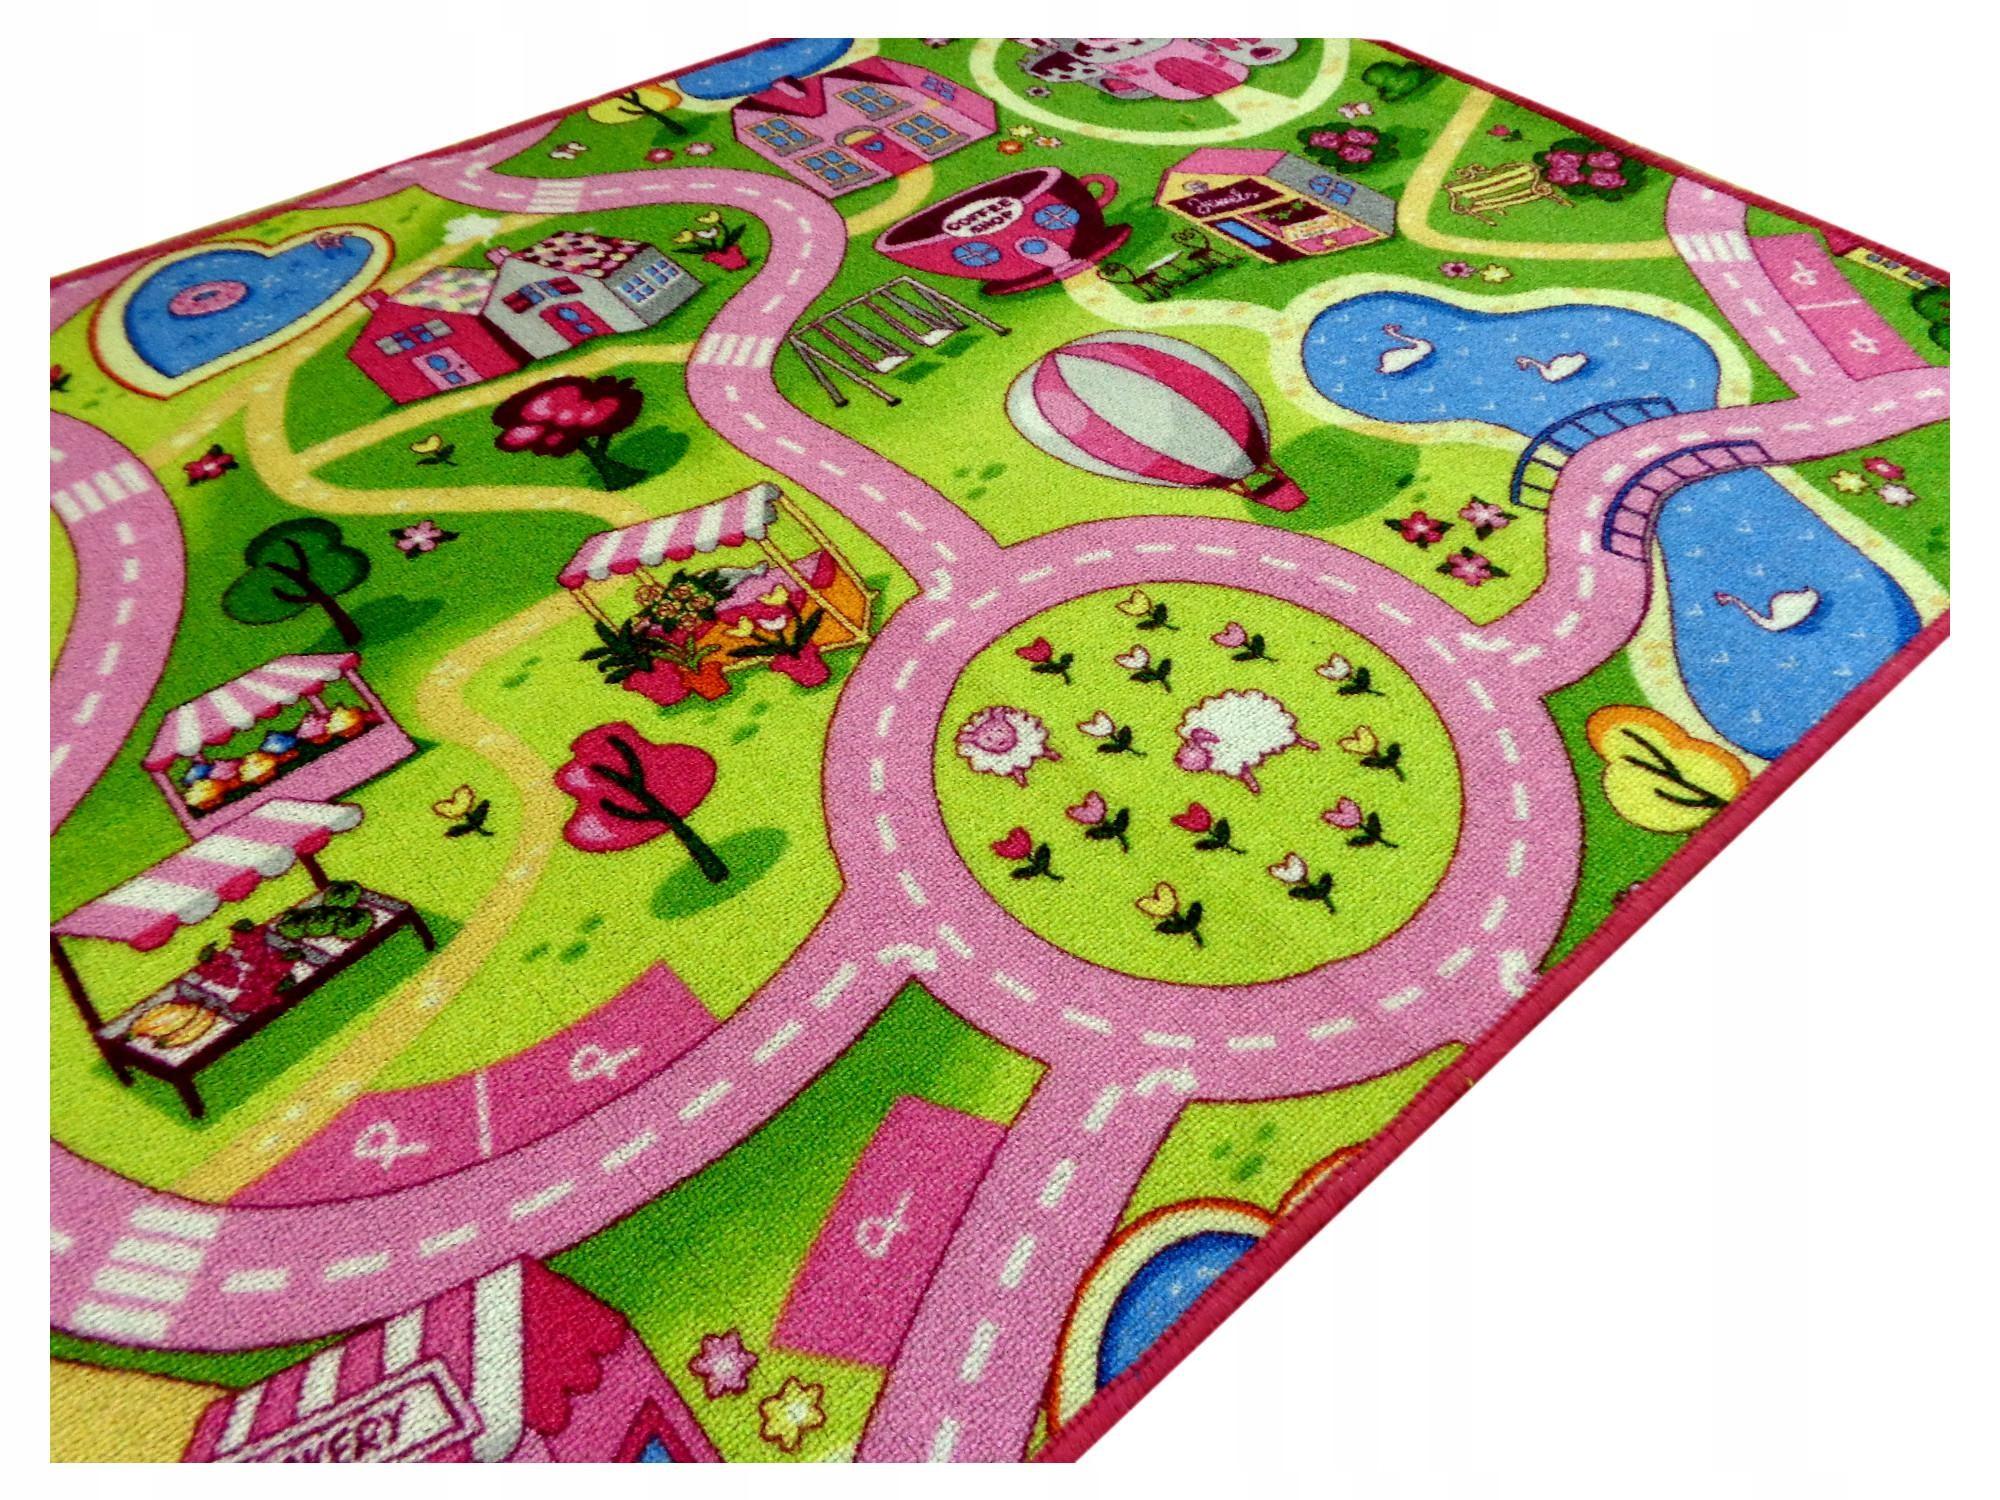 Dywan Dla Dziewczynki Chłopca Ulice Drogi 250x280